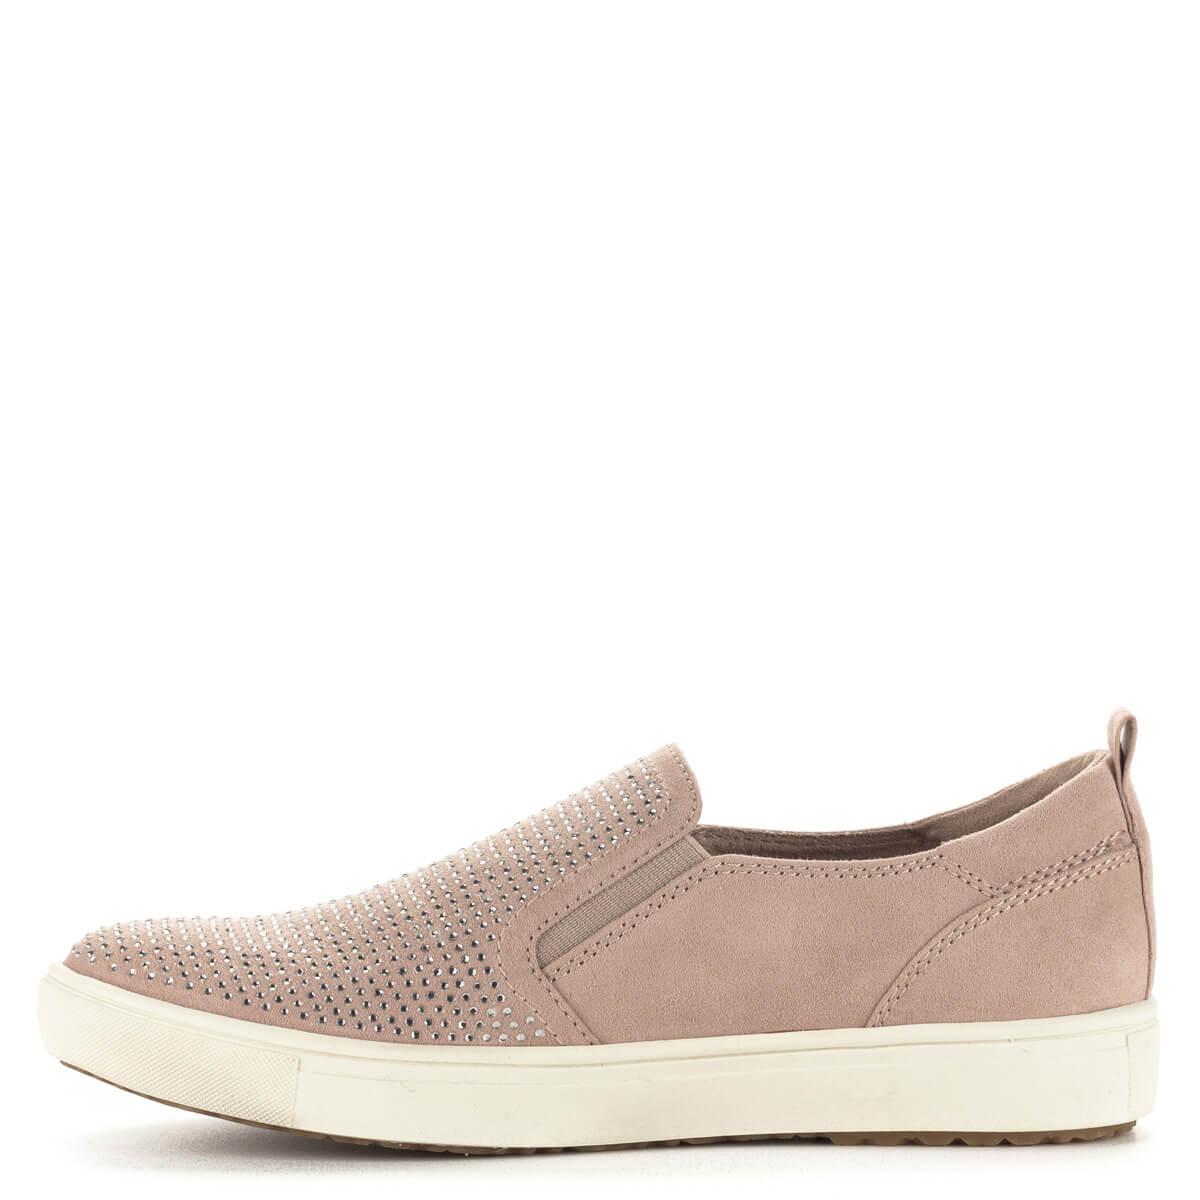 cipő cipő Két díszített Tamaris rózsaszín strasszokkal oldalt Lapos Lapos  Lapos 8qxU6zEww 8b91ecd0cc